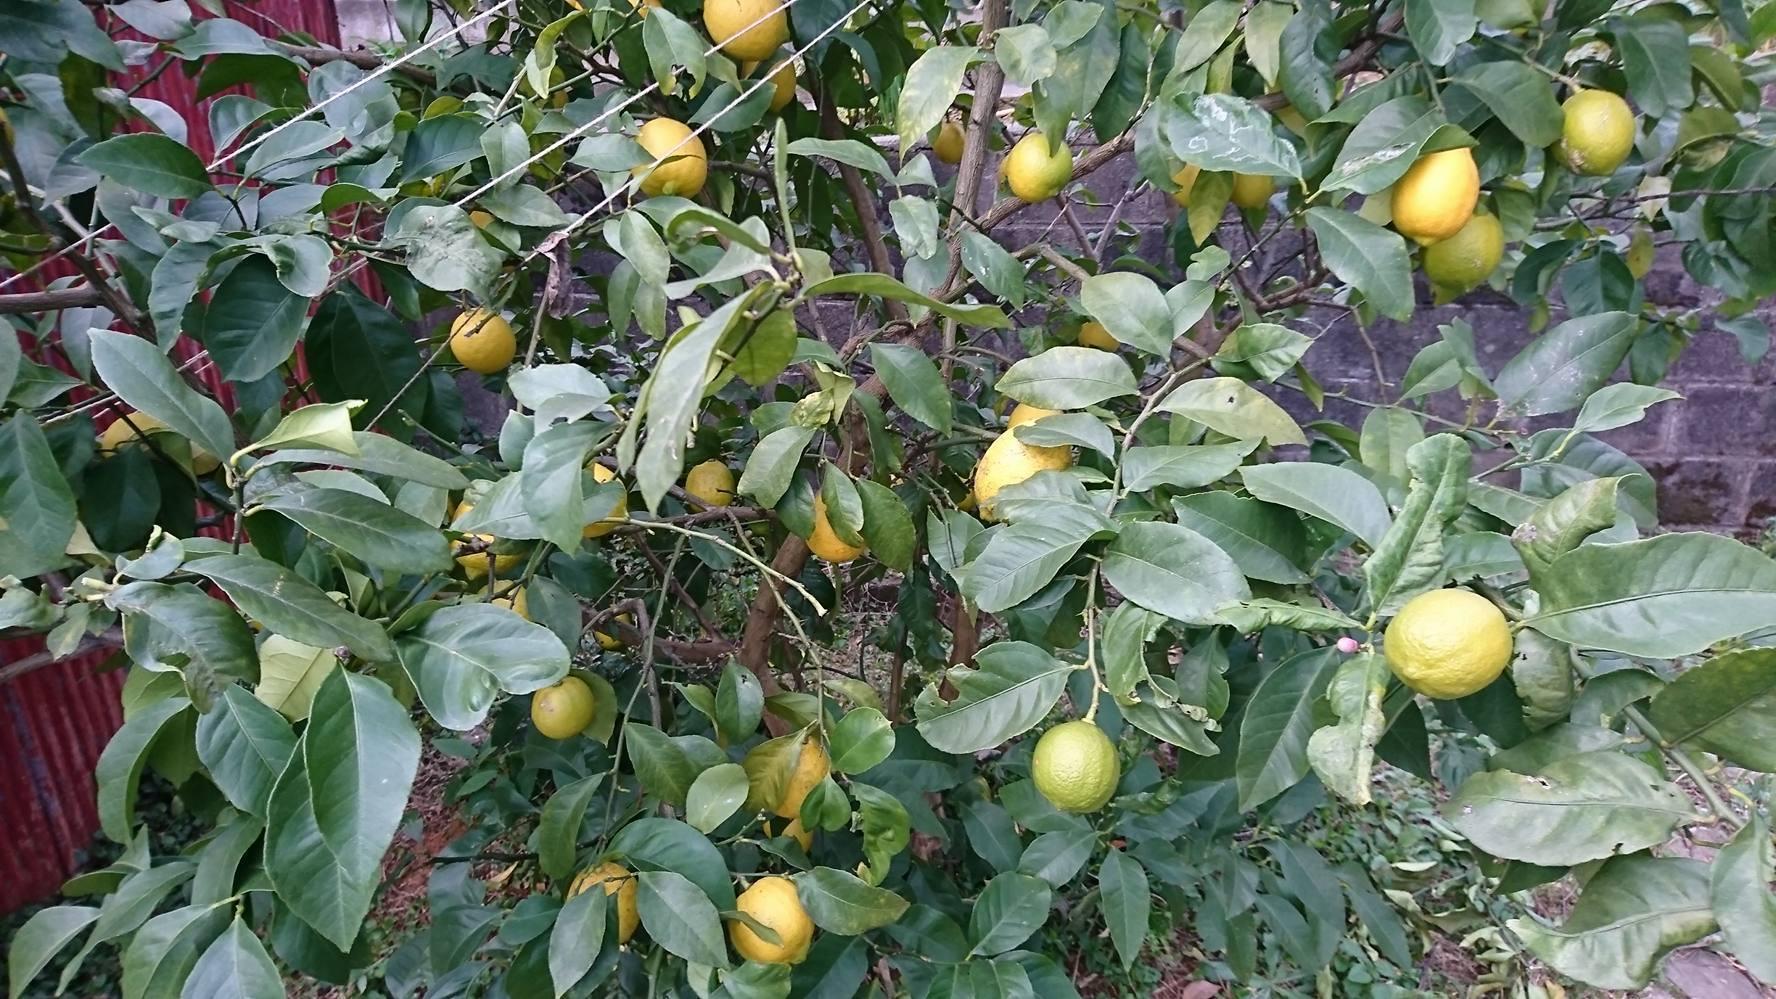 年末、年始のお知らせ、お歳暮作り、レモン、柚子、かぼす、冬の仕込み。_a0125419_08231961.jpg